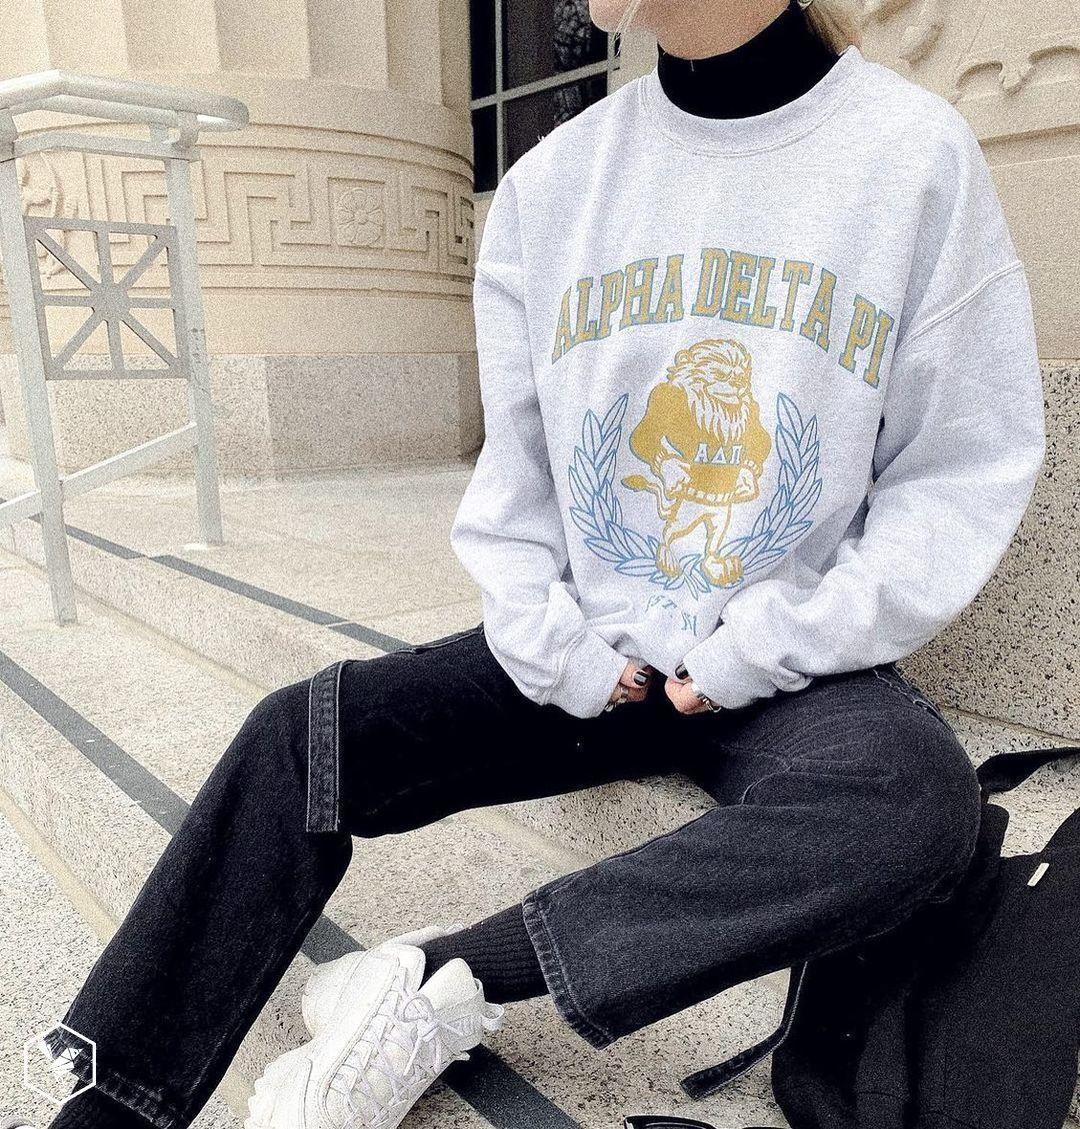 Alpha Delta Pi Crest Crewneck Universitytees Sweatshirts Sorority Sweatshirts Sorority Shirts [ 1129 x 1080 Pixel ]